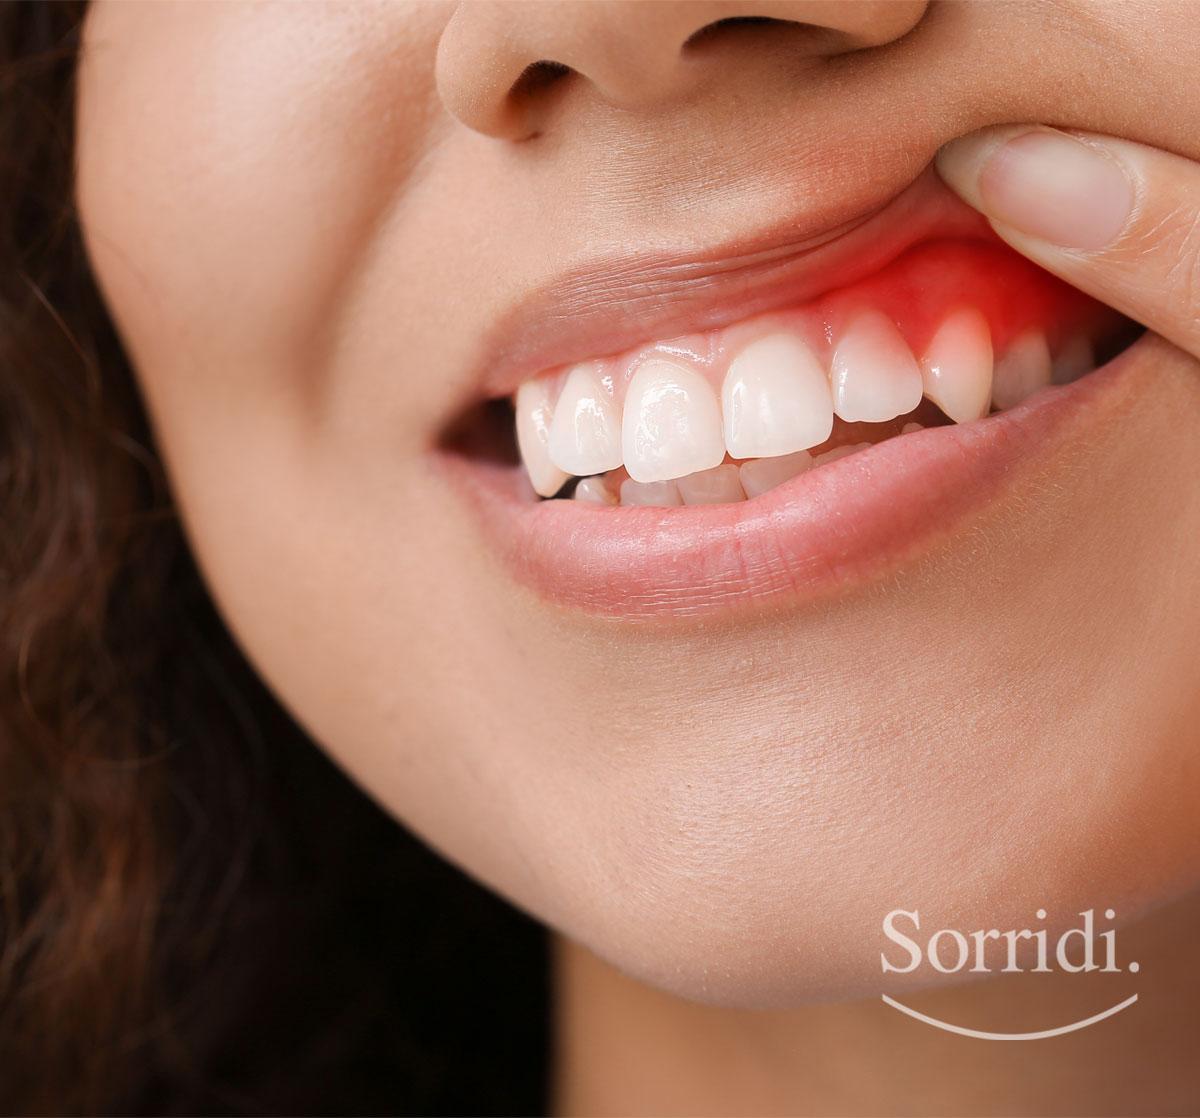 Sorridi-ch-magazine-iperplasia-gengivale